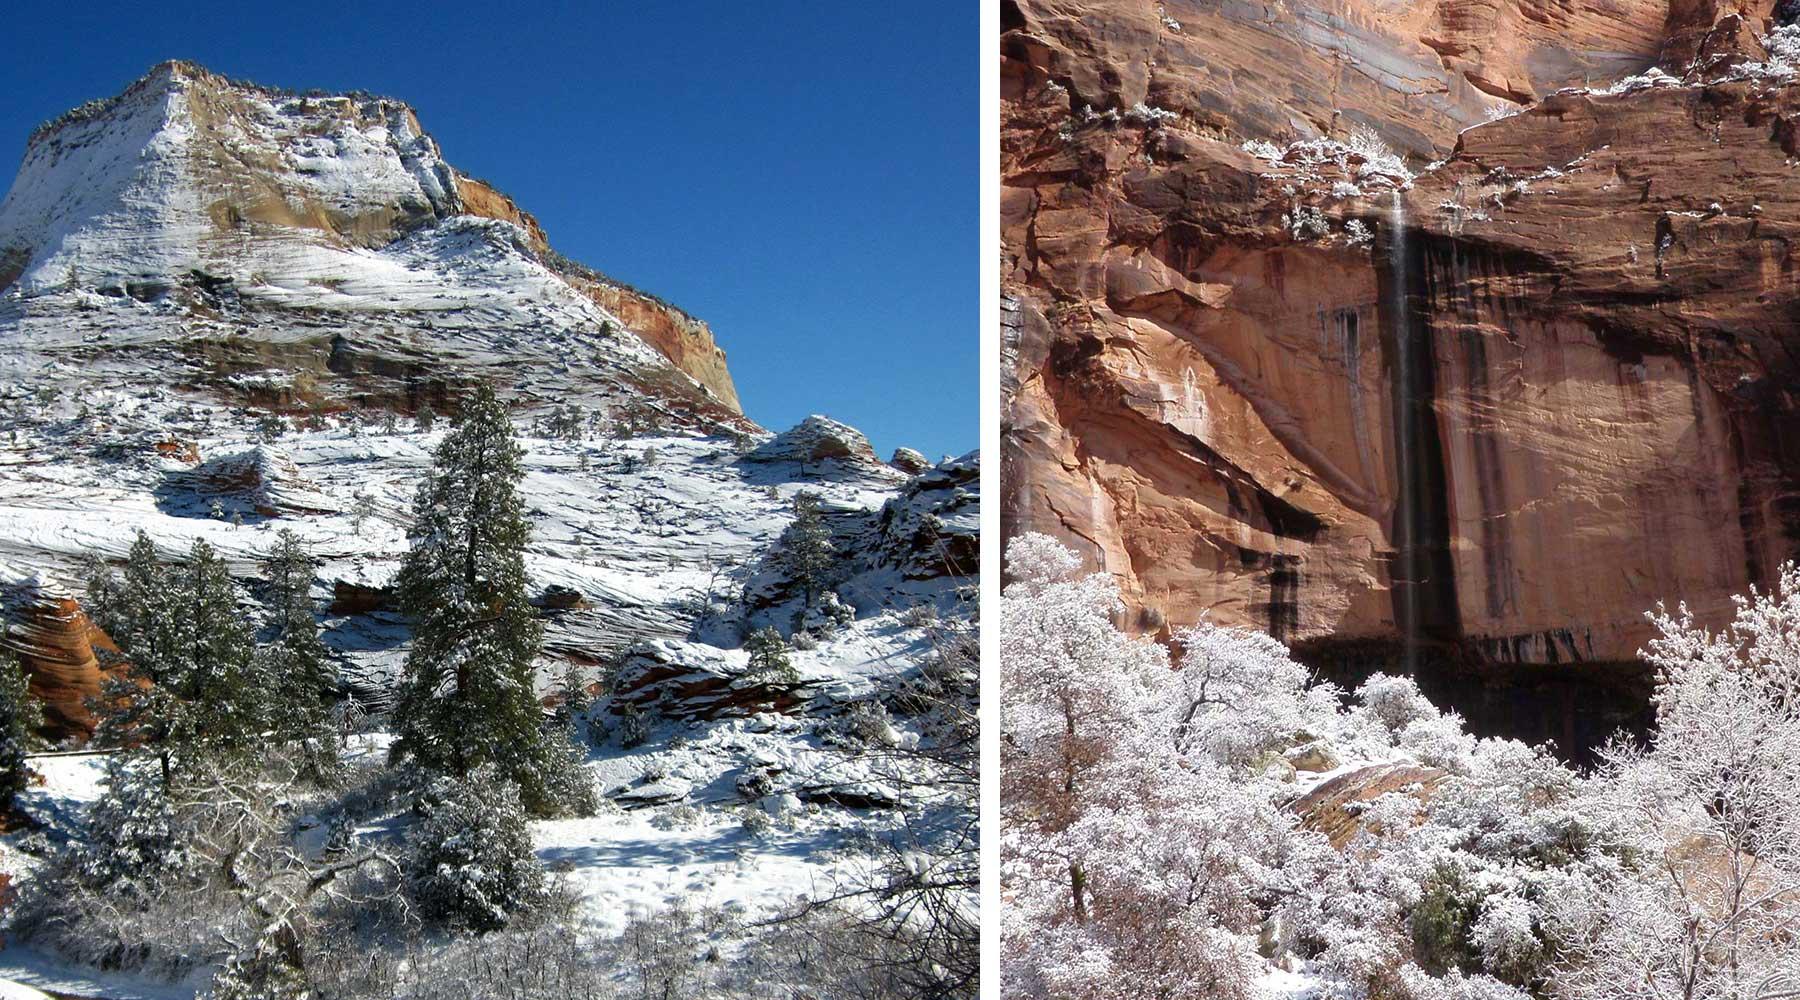 Zion, Zion,-Angels-Landing-Grands parcs de l'ouest en hiver, zion, grand canyon, bryce canyon, monument vallée, monument valley, las vegas, chinook voyage, aventure, randonnée